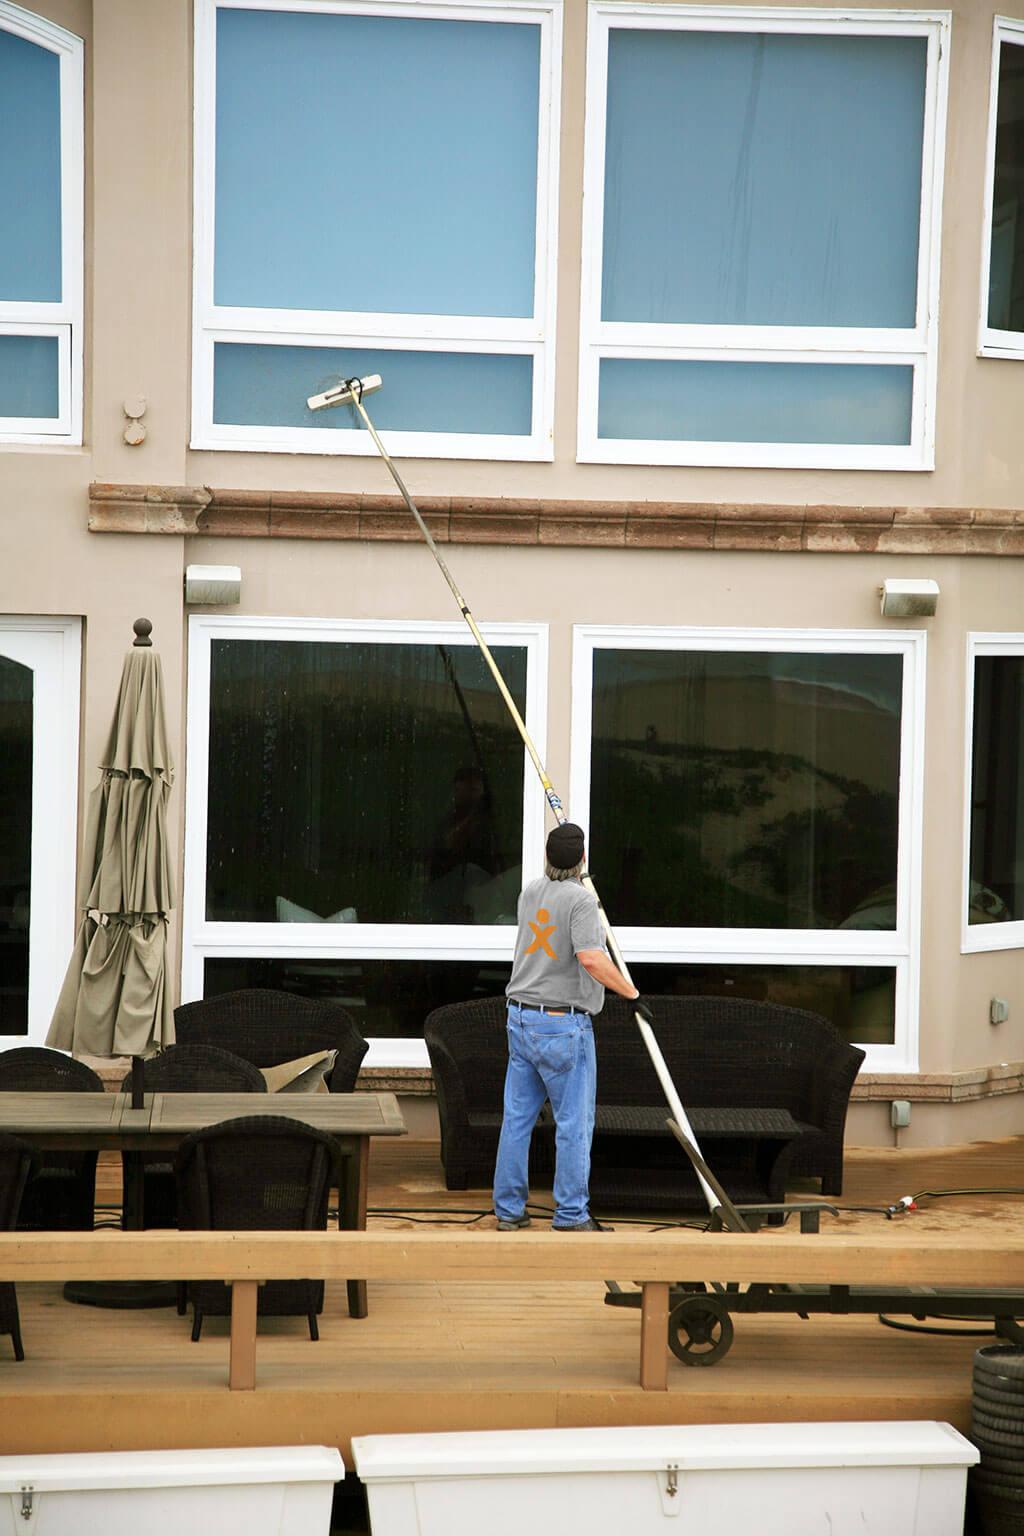 visuel-laveur-de-vitres-2